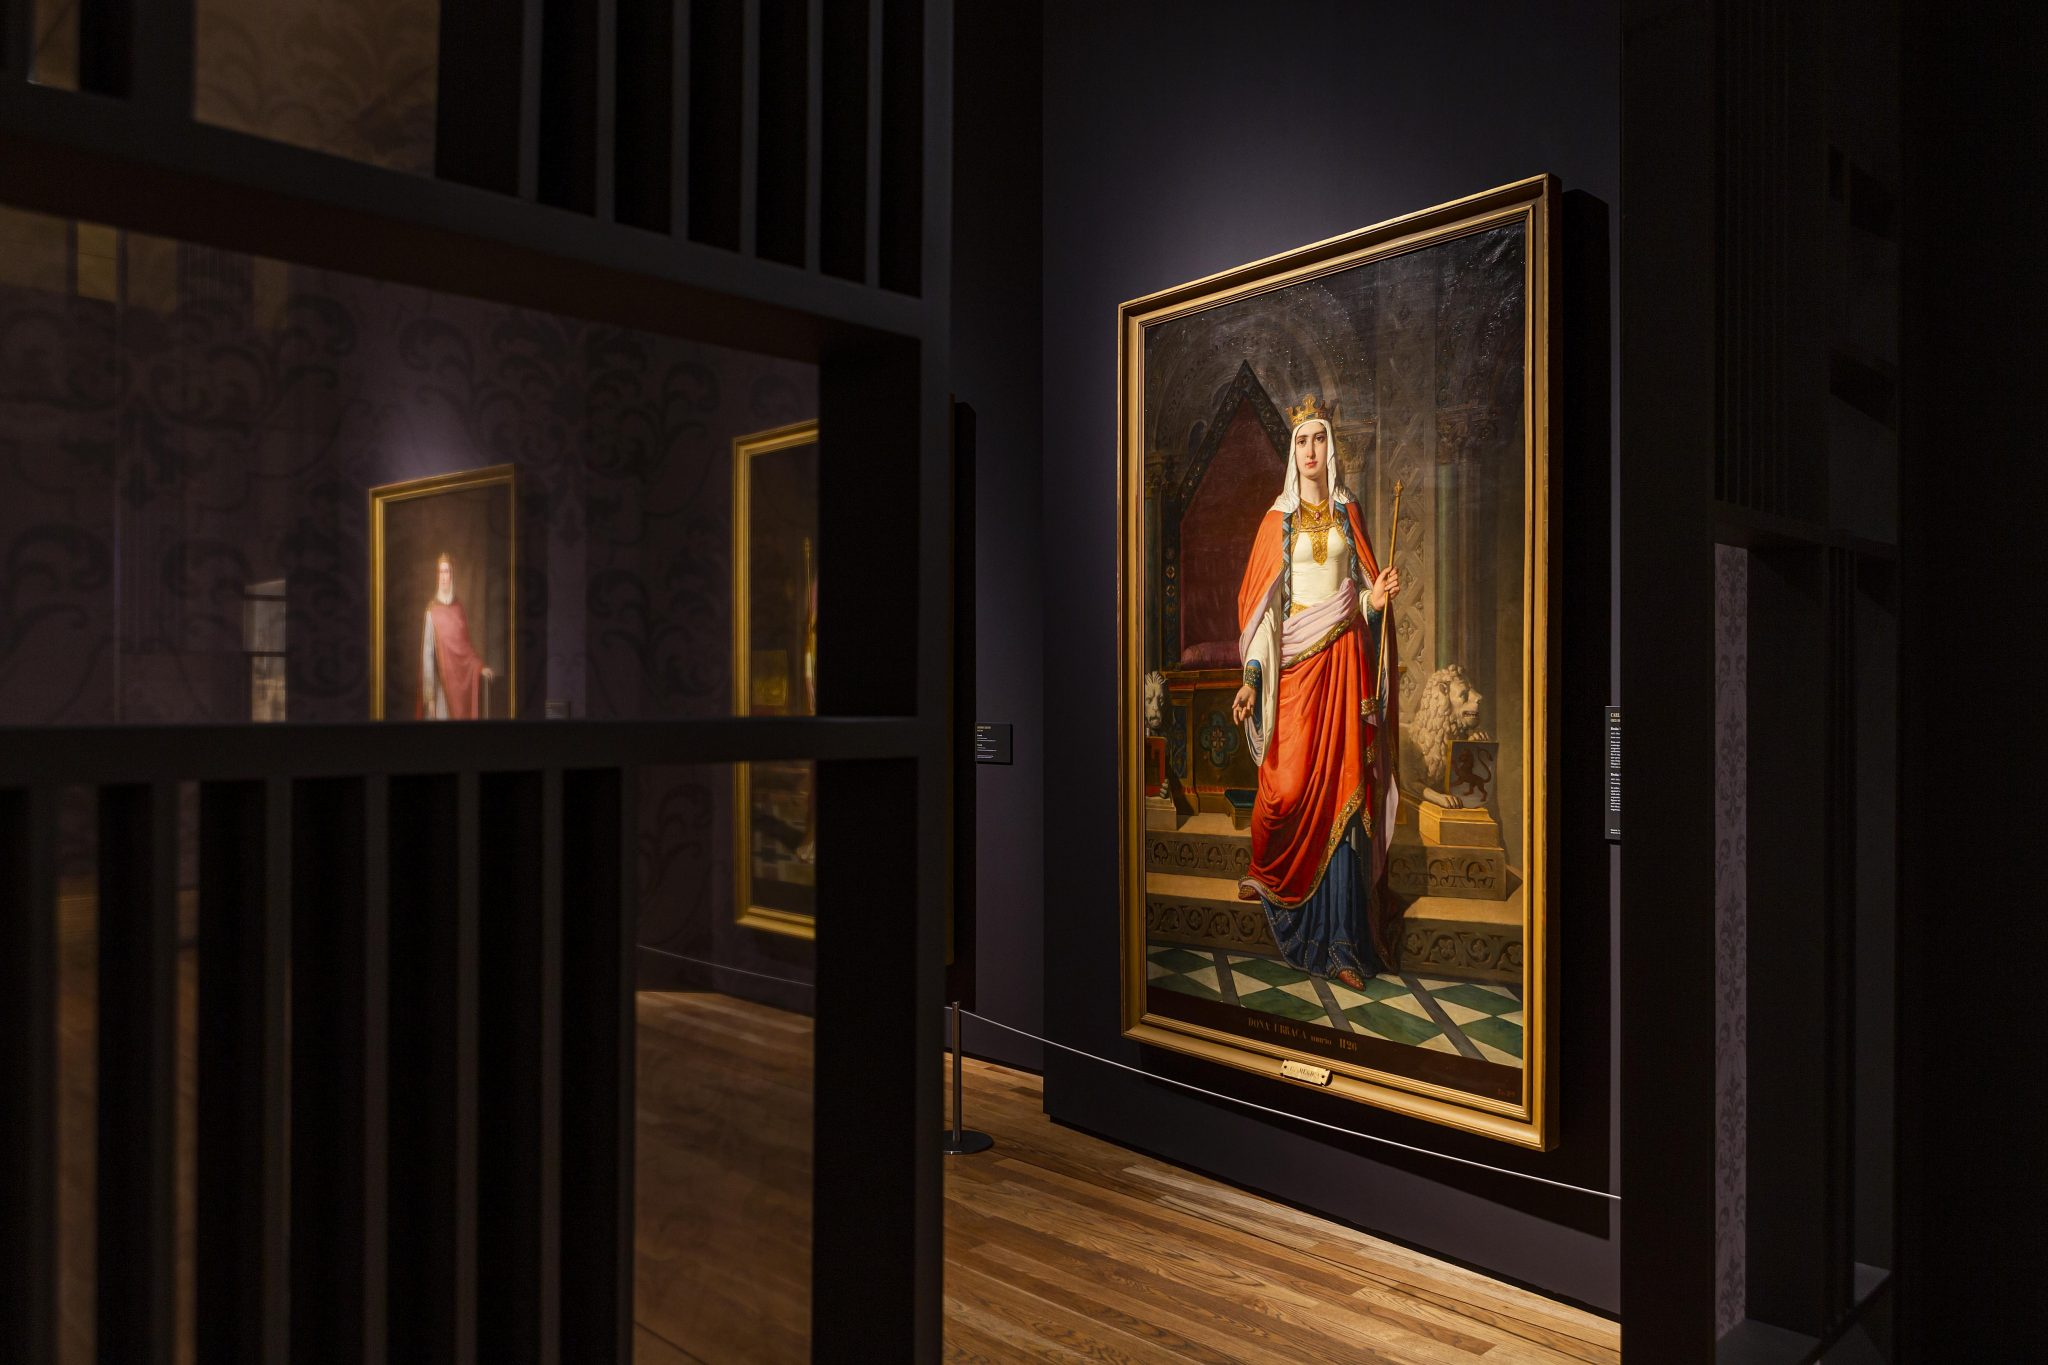 19-Imagen-de-las-salas-de-la-exposicion-Invitadas.-Foto-©-Museo-Nacional-del-Prado-2048x1365